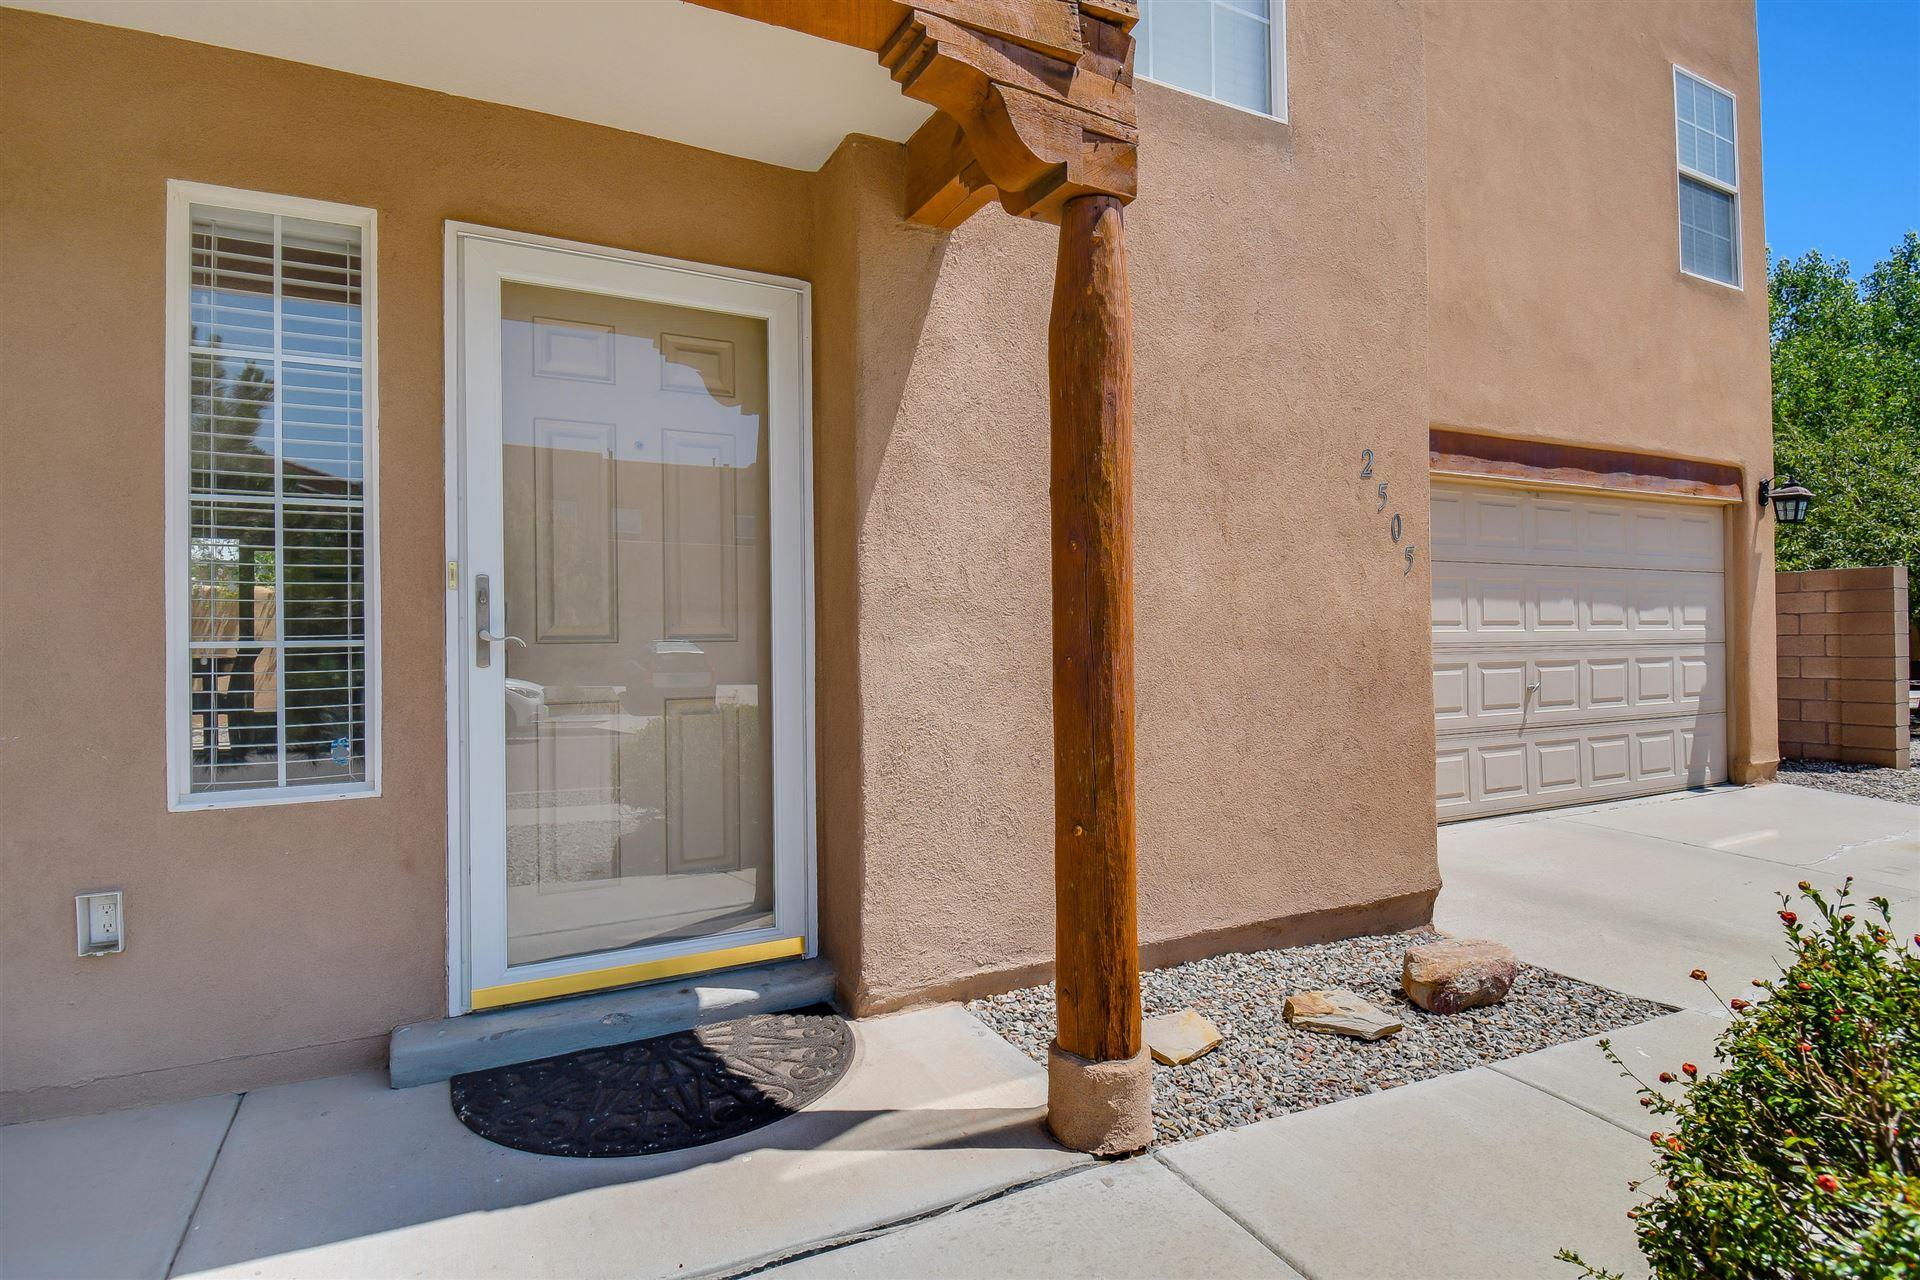 Photo of 2505 SARITA Avenue NW, Albuquerque, NM 87104 (MLS # 994657)